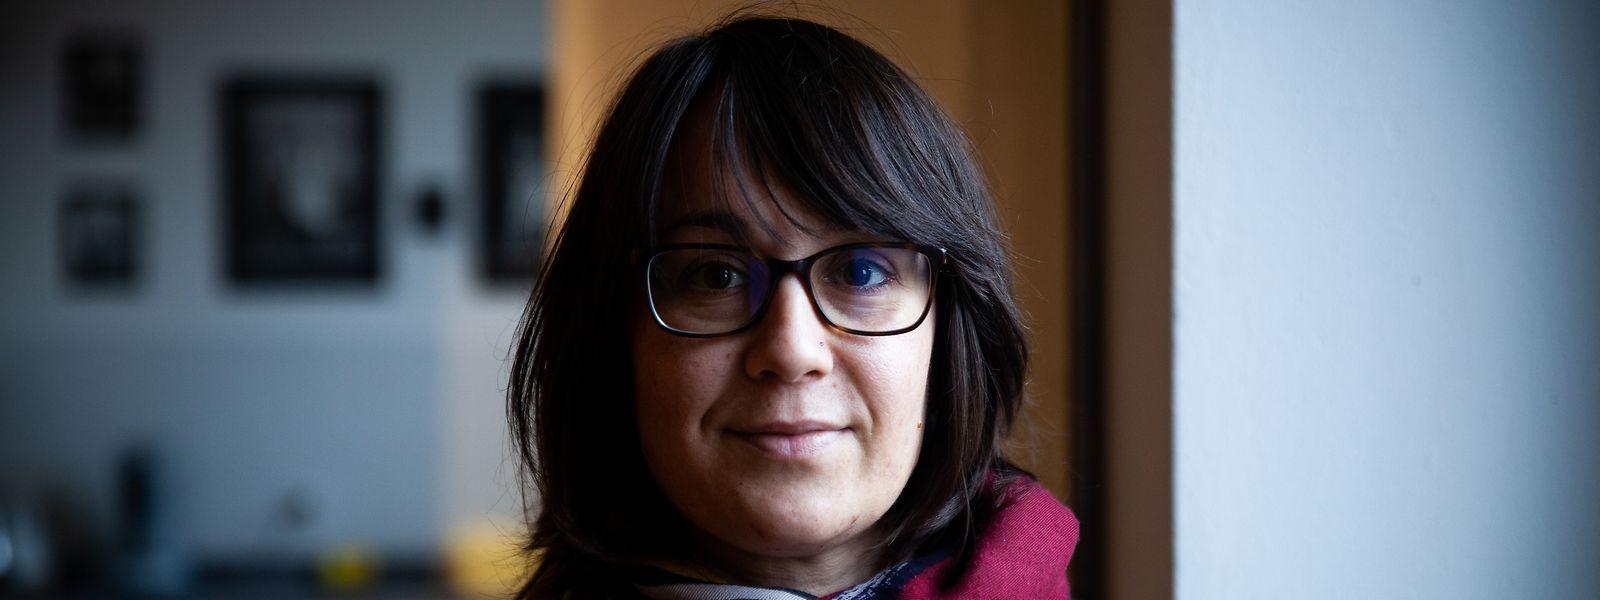 """Heidi Martins é investigadora no CDMH – Centre de Documentation sur les Migrations Humaines (Dudelange, Luxembourg) e autora da tese: """"Dinâmicas de (des)pertença no curso da vida: o caso dos portugueses de 'segunda geração' no Grão-Ducado""""."""